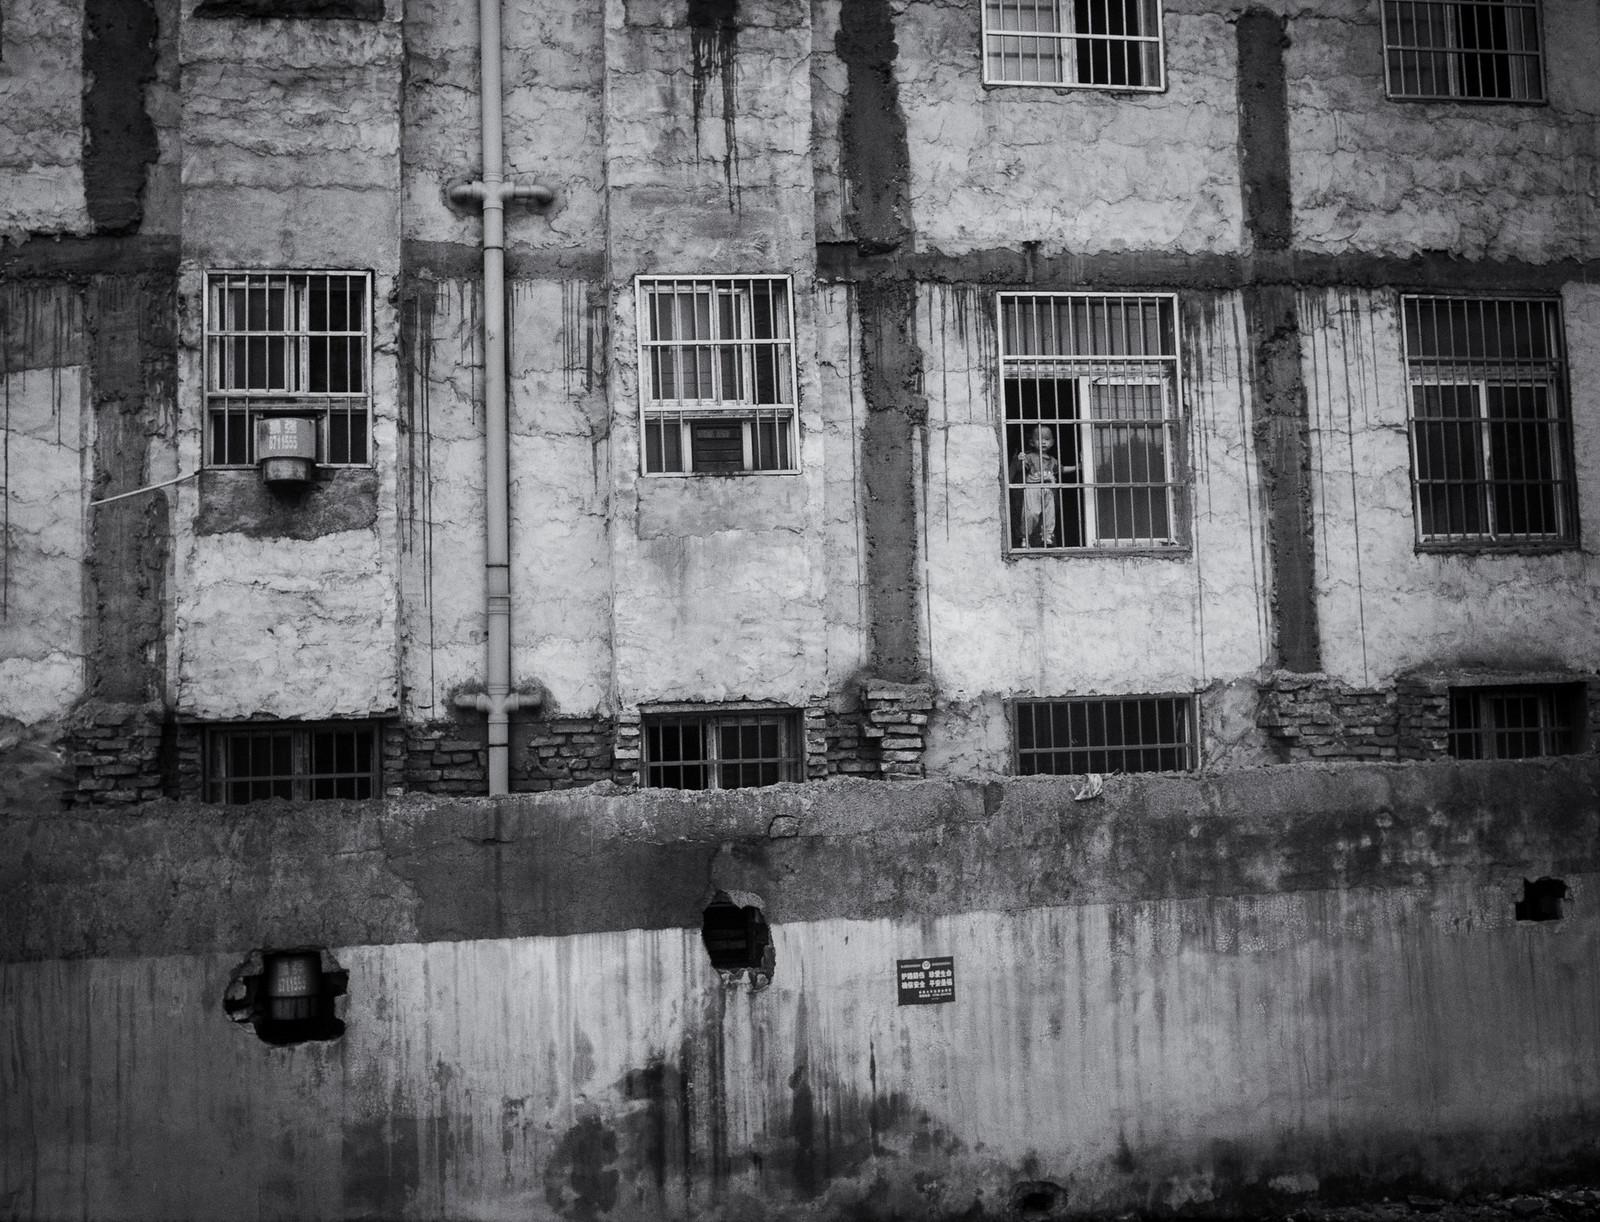 boy in prison | by tzen xing